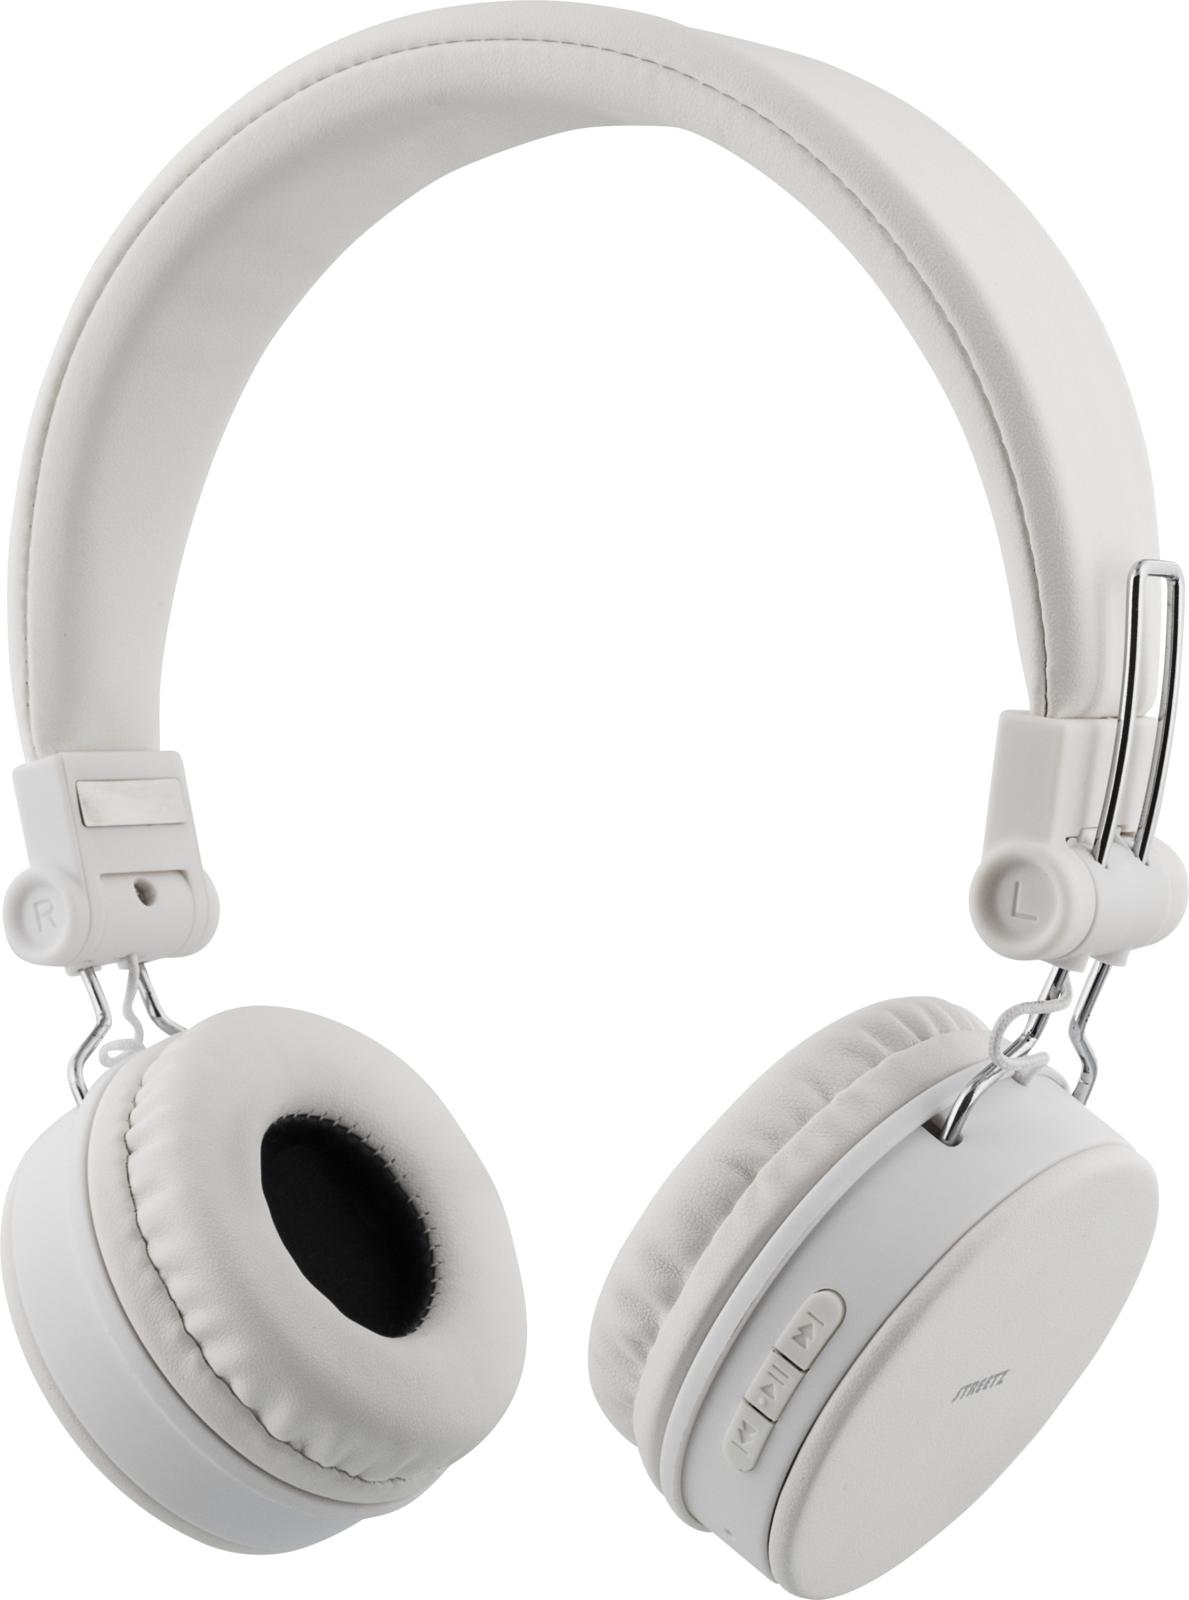 Köp Streetz Headset med Bluetooth - iPhonebutiken.se 543f9badc76dd